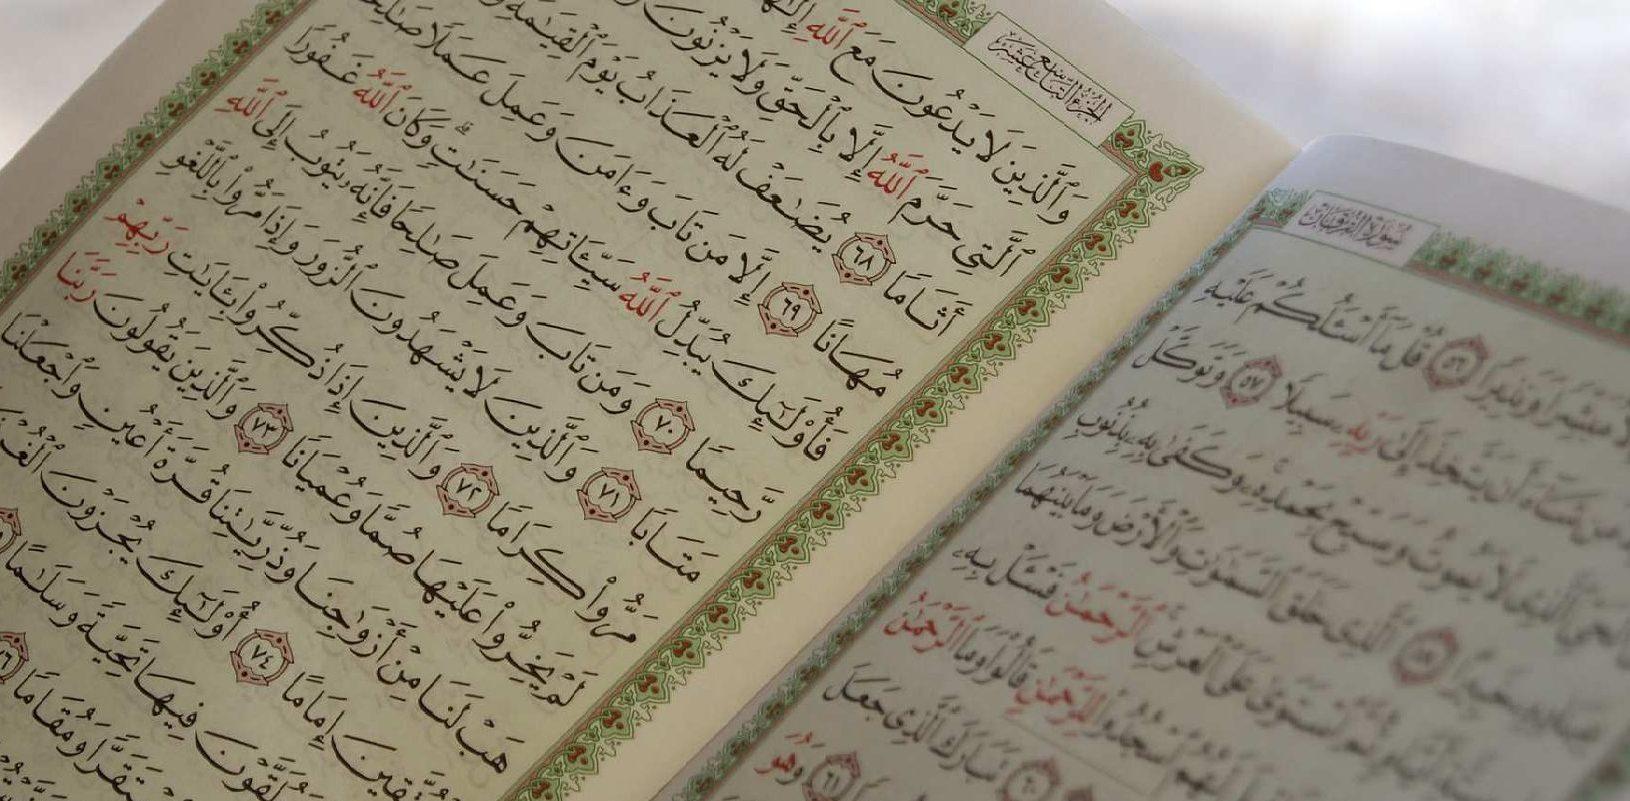 Apa Hukum Melemparkan Mushaf Al-Qur'an Karena Marah bimbingan islam